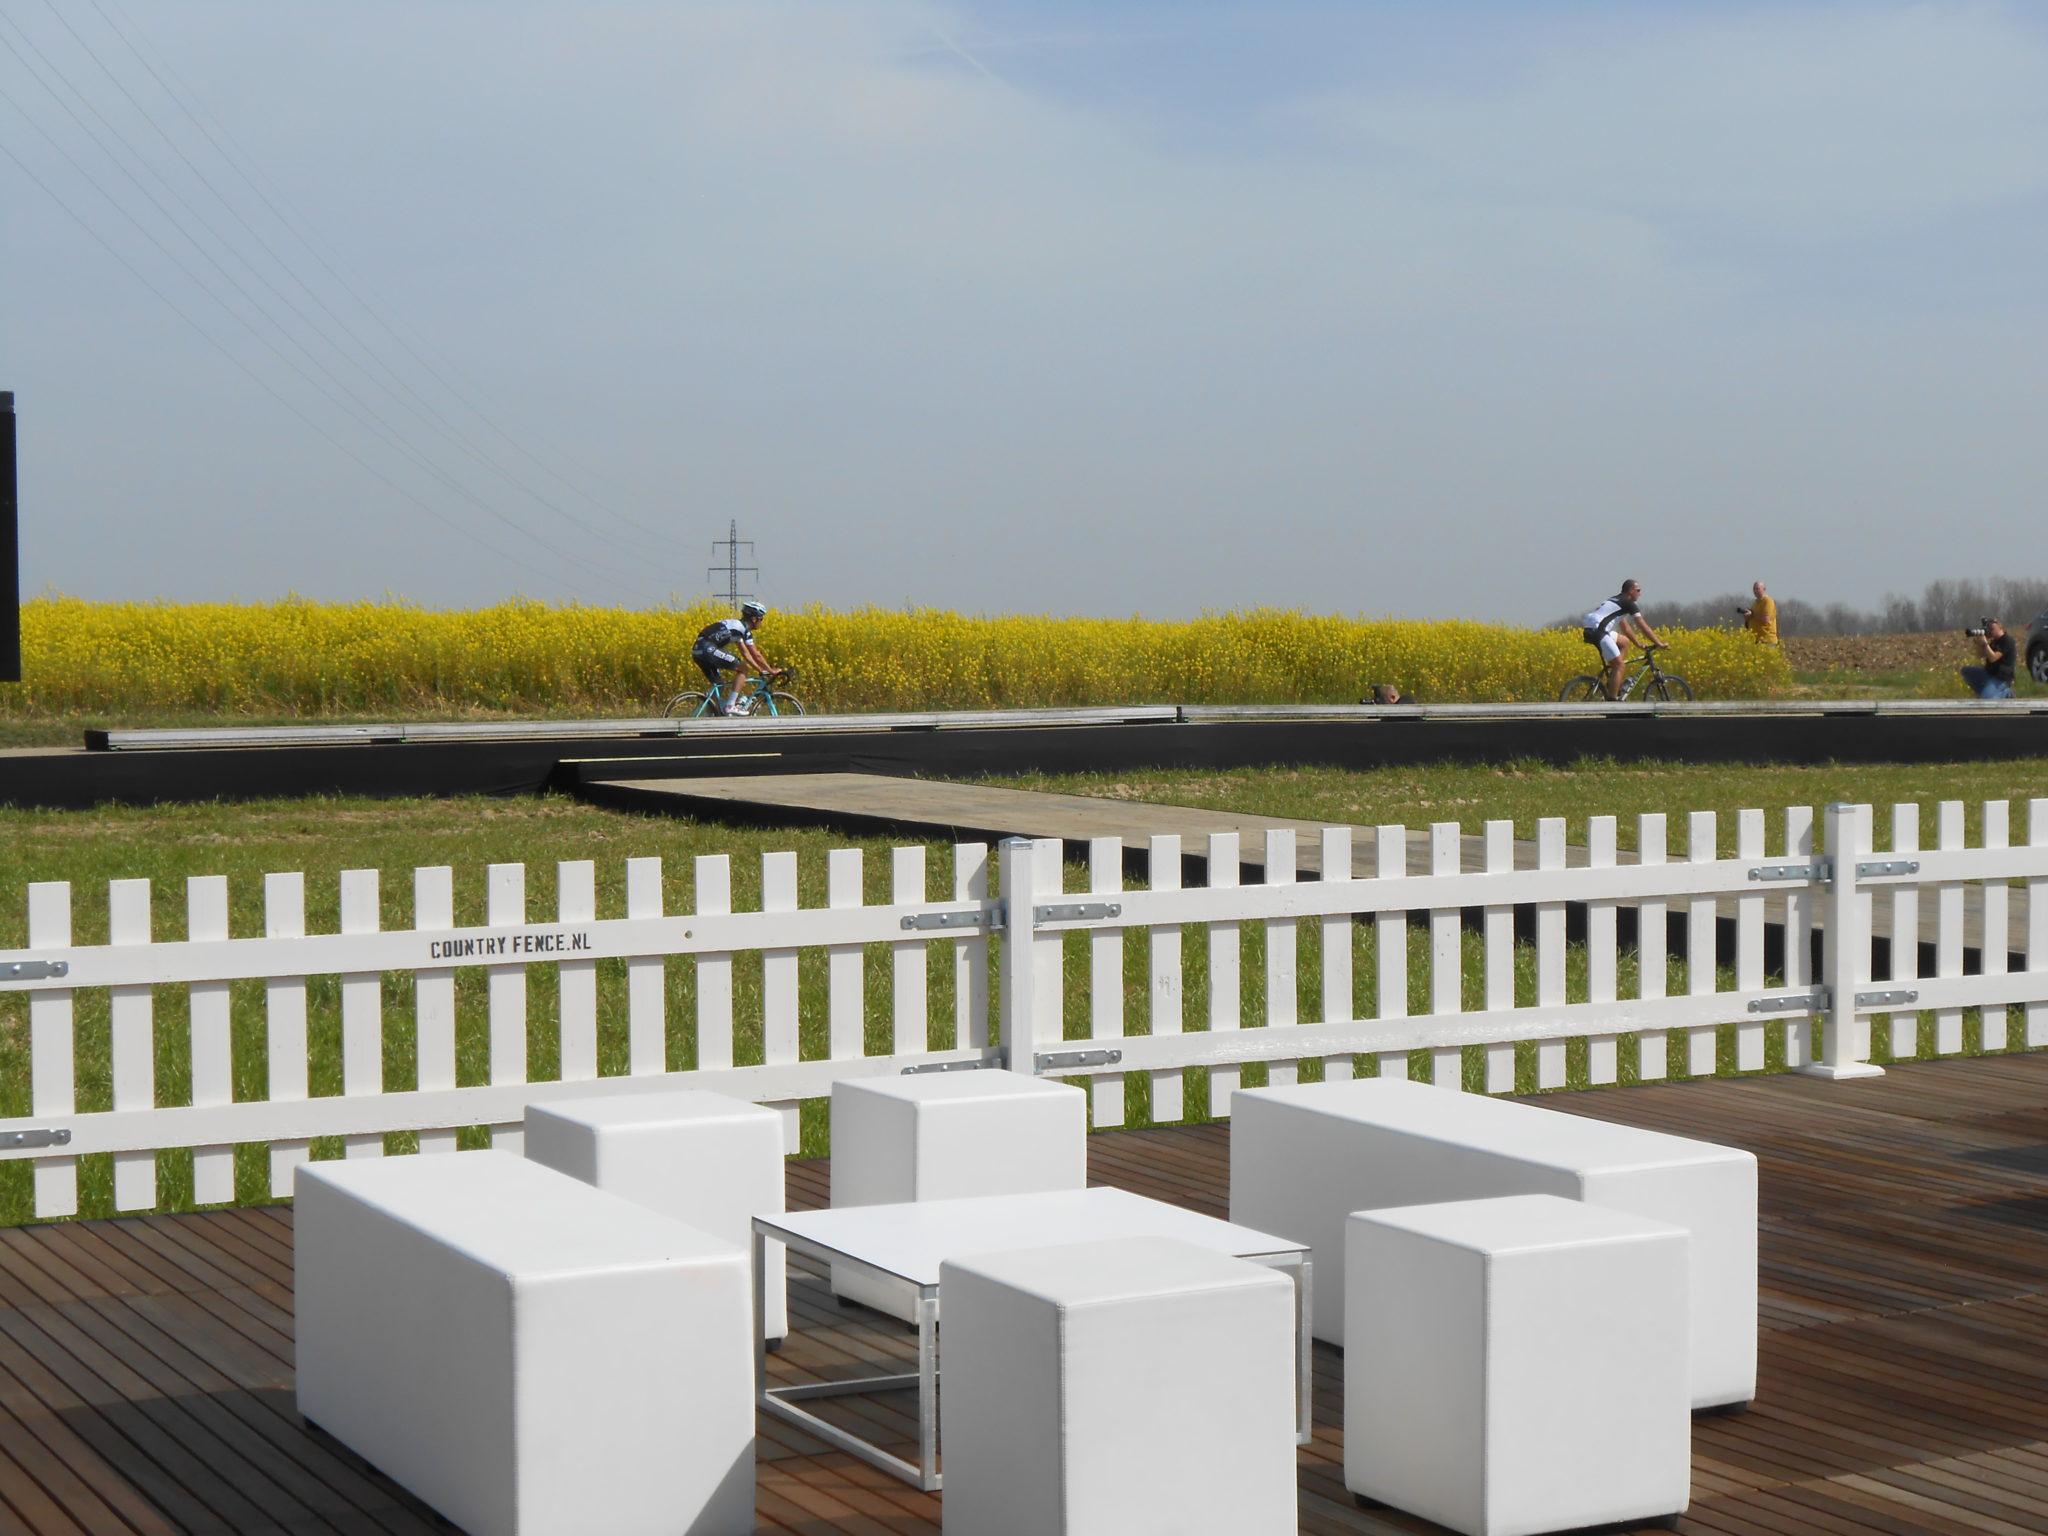 Country Fence sier hekwerk Bengsch Tenten